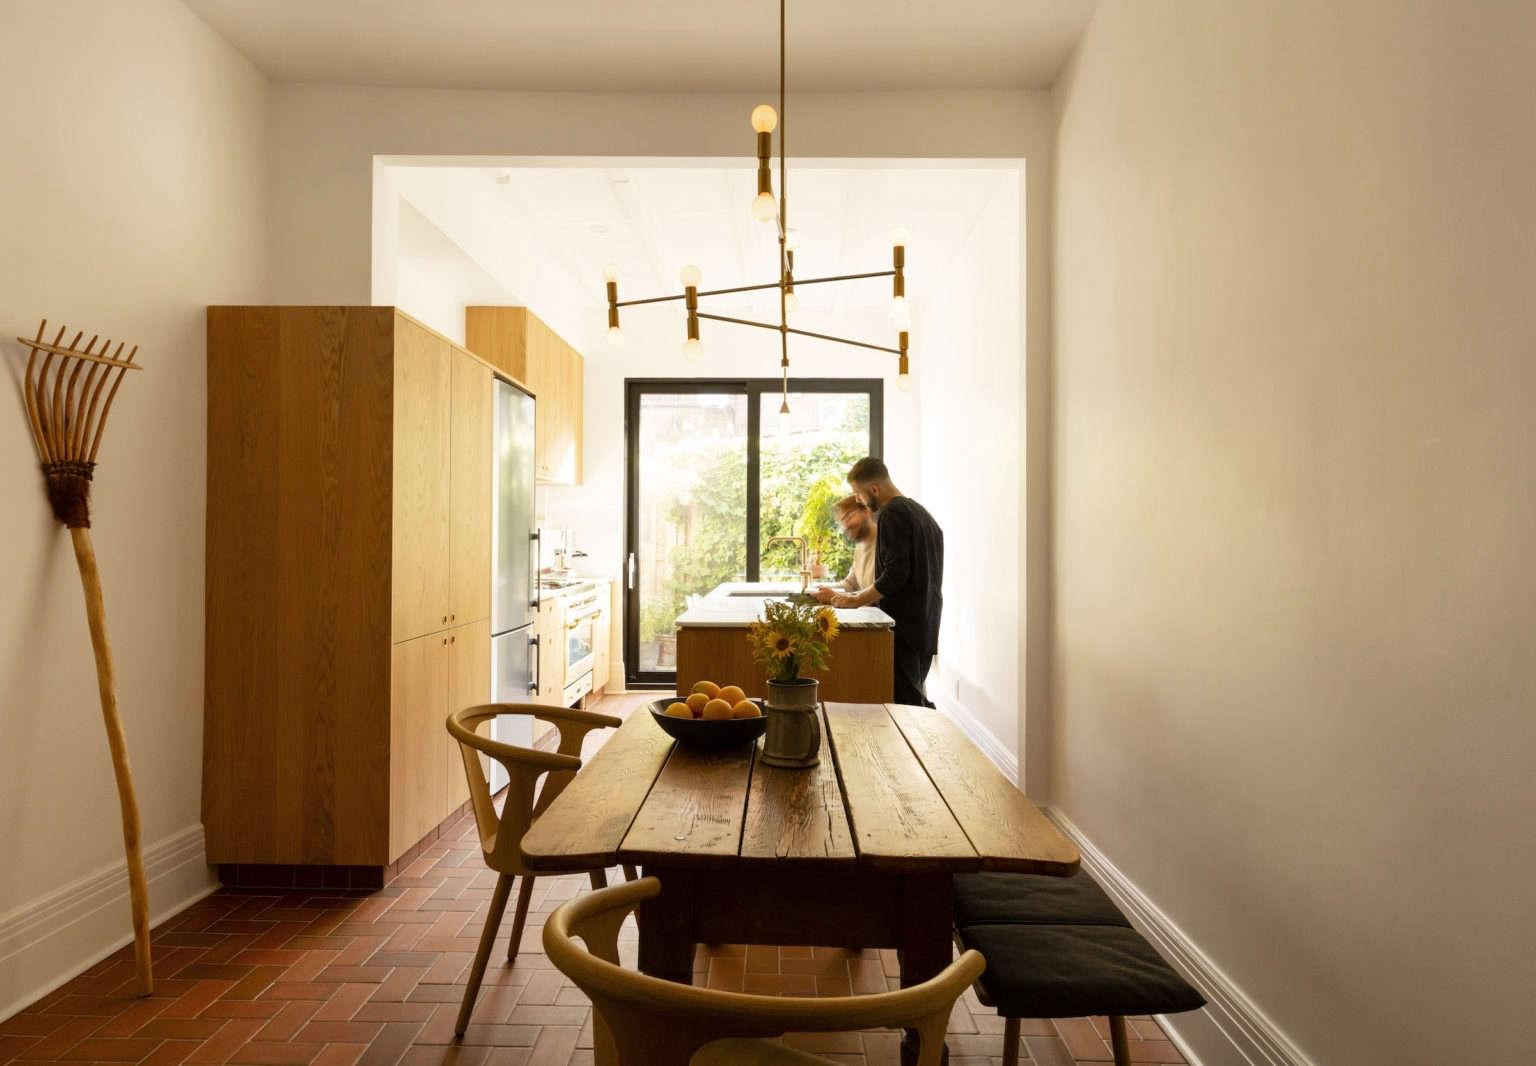 maison boutique coloniale montreal michael godmer house tour kitchen4